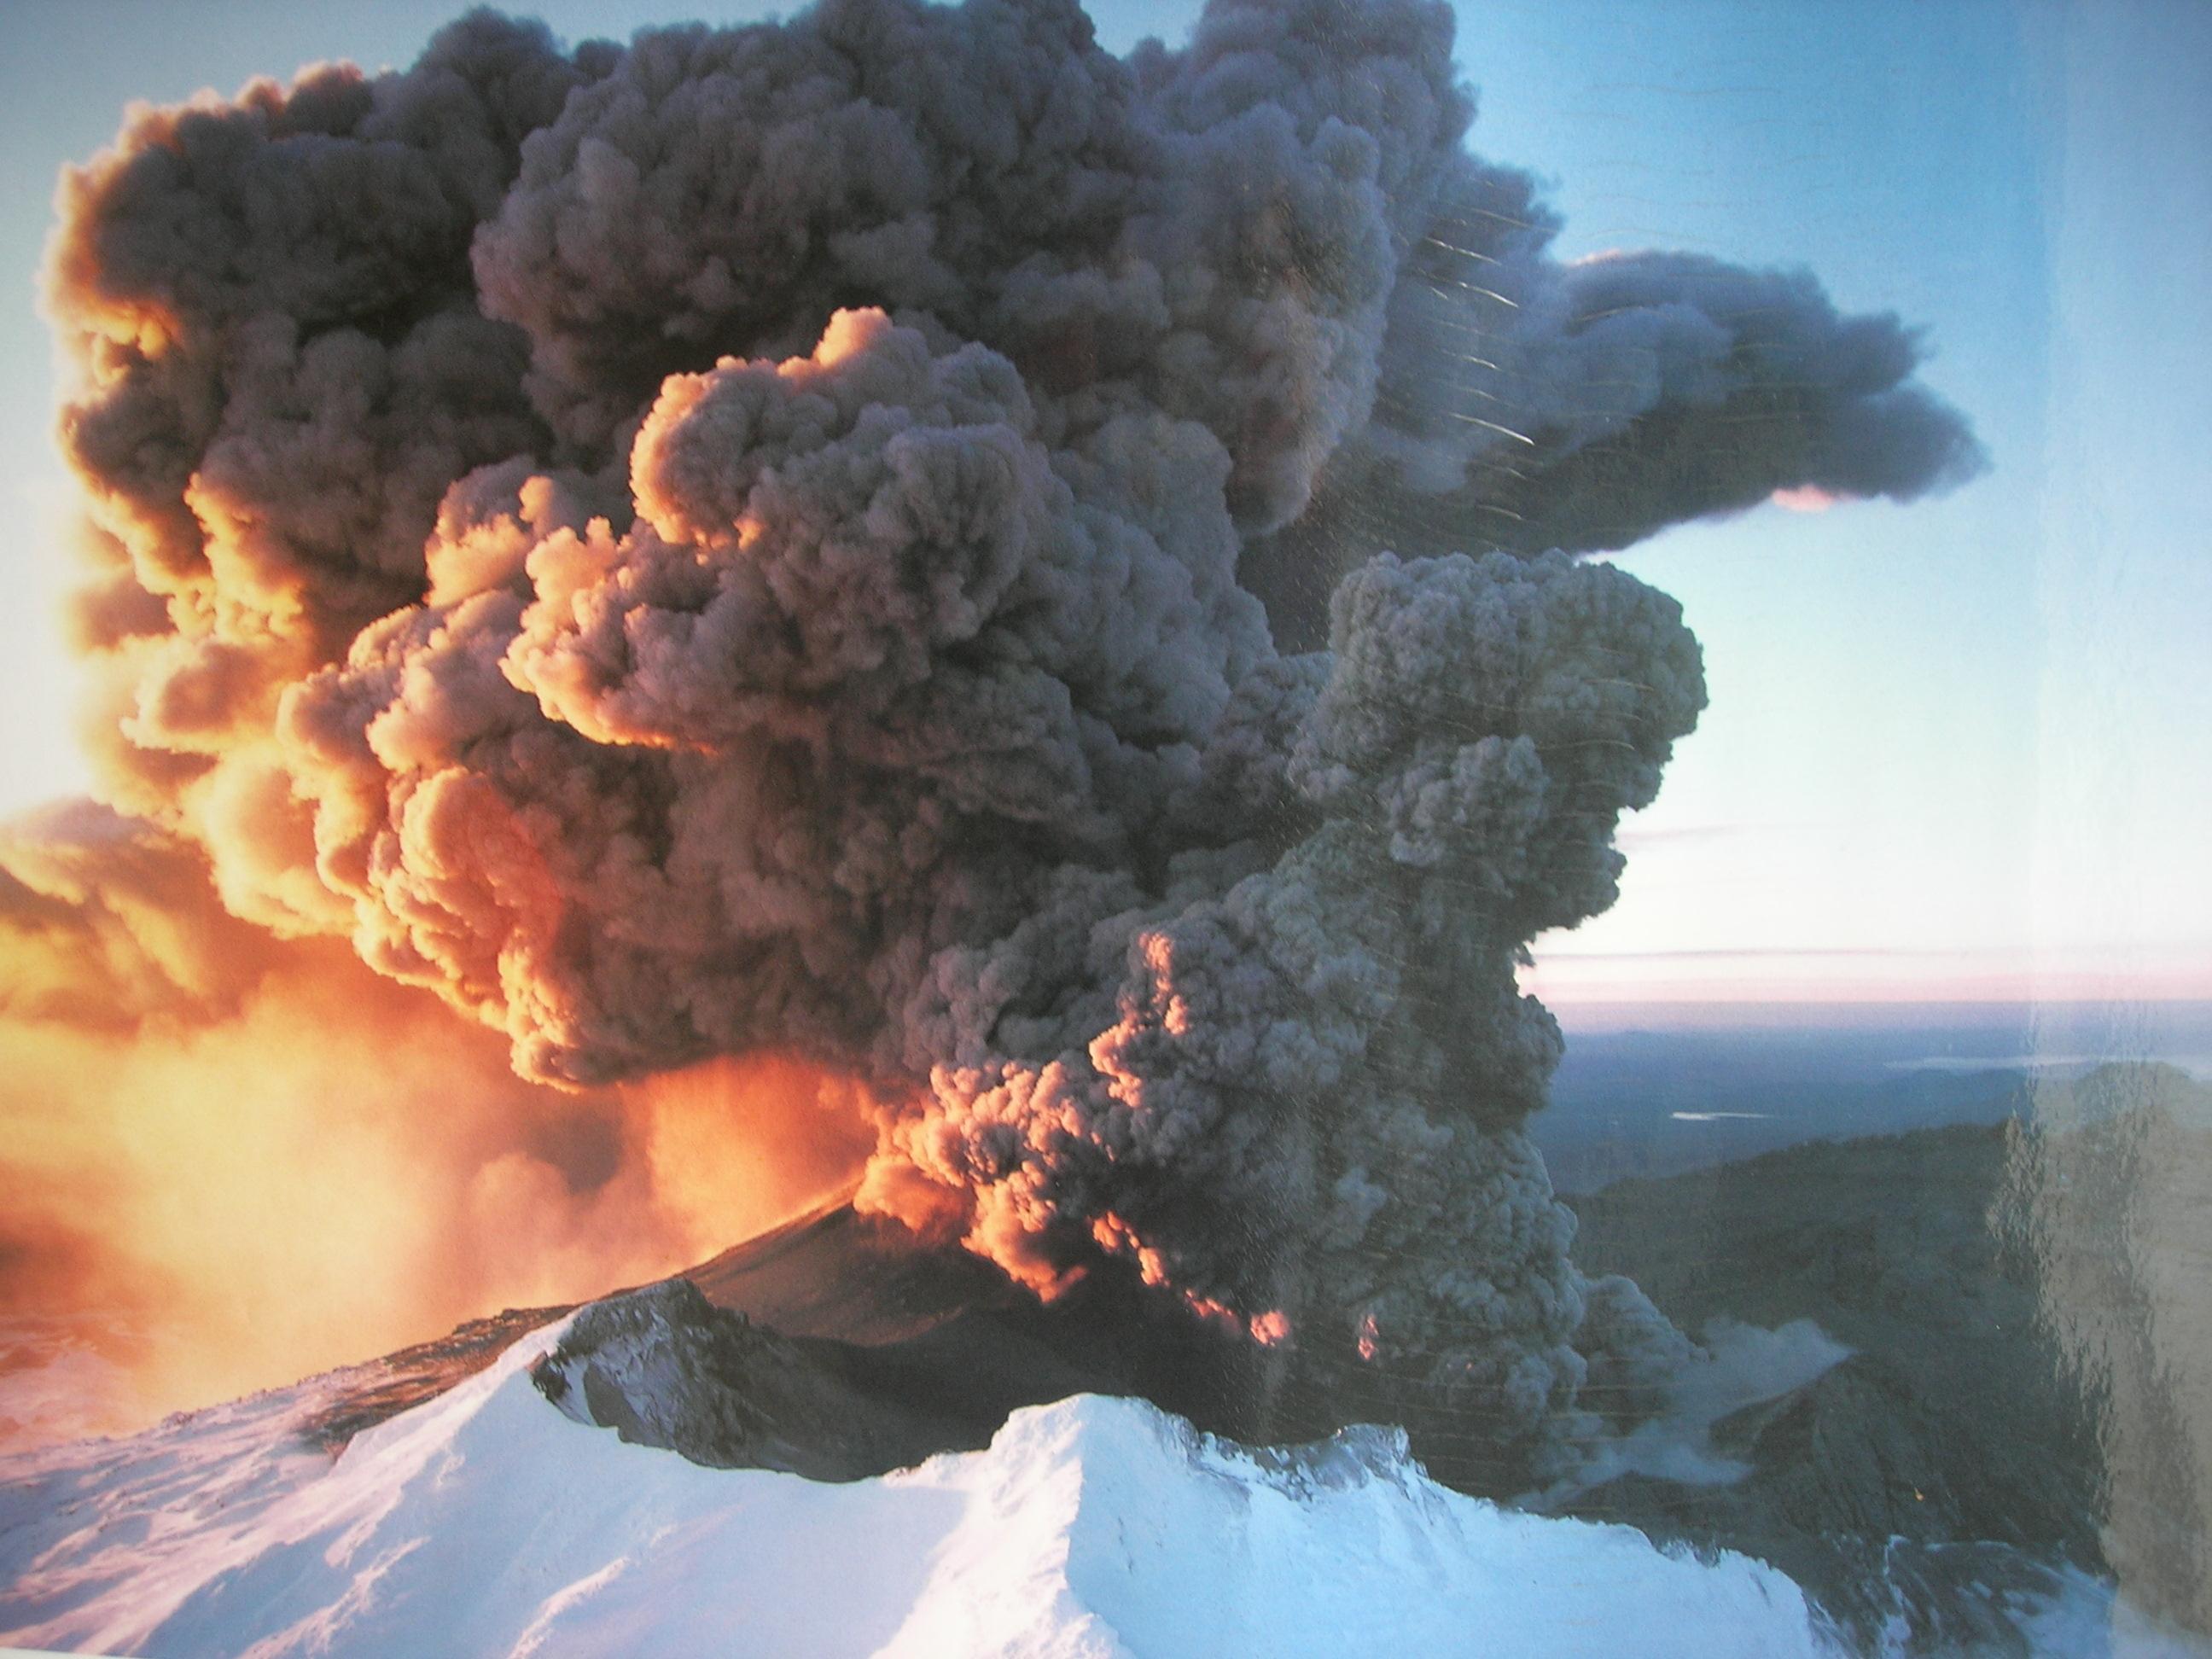 Vulkan i udbrud.